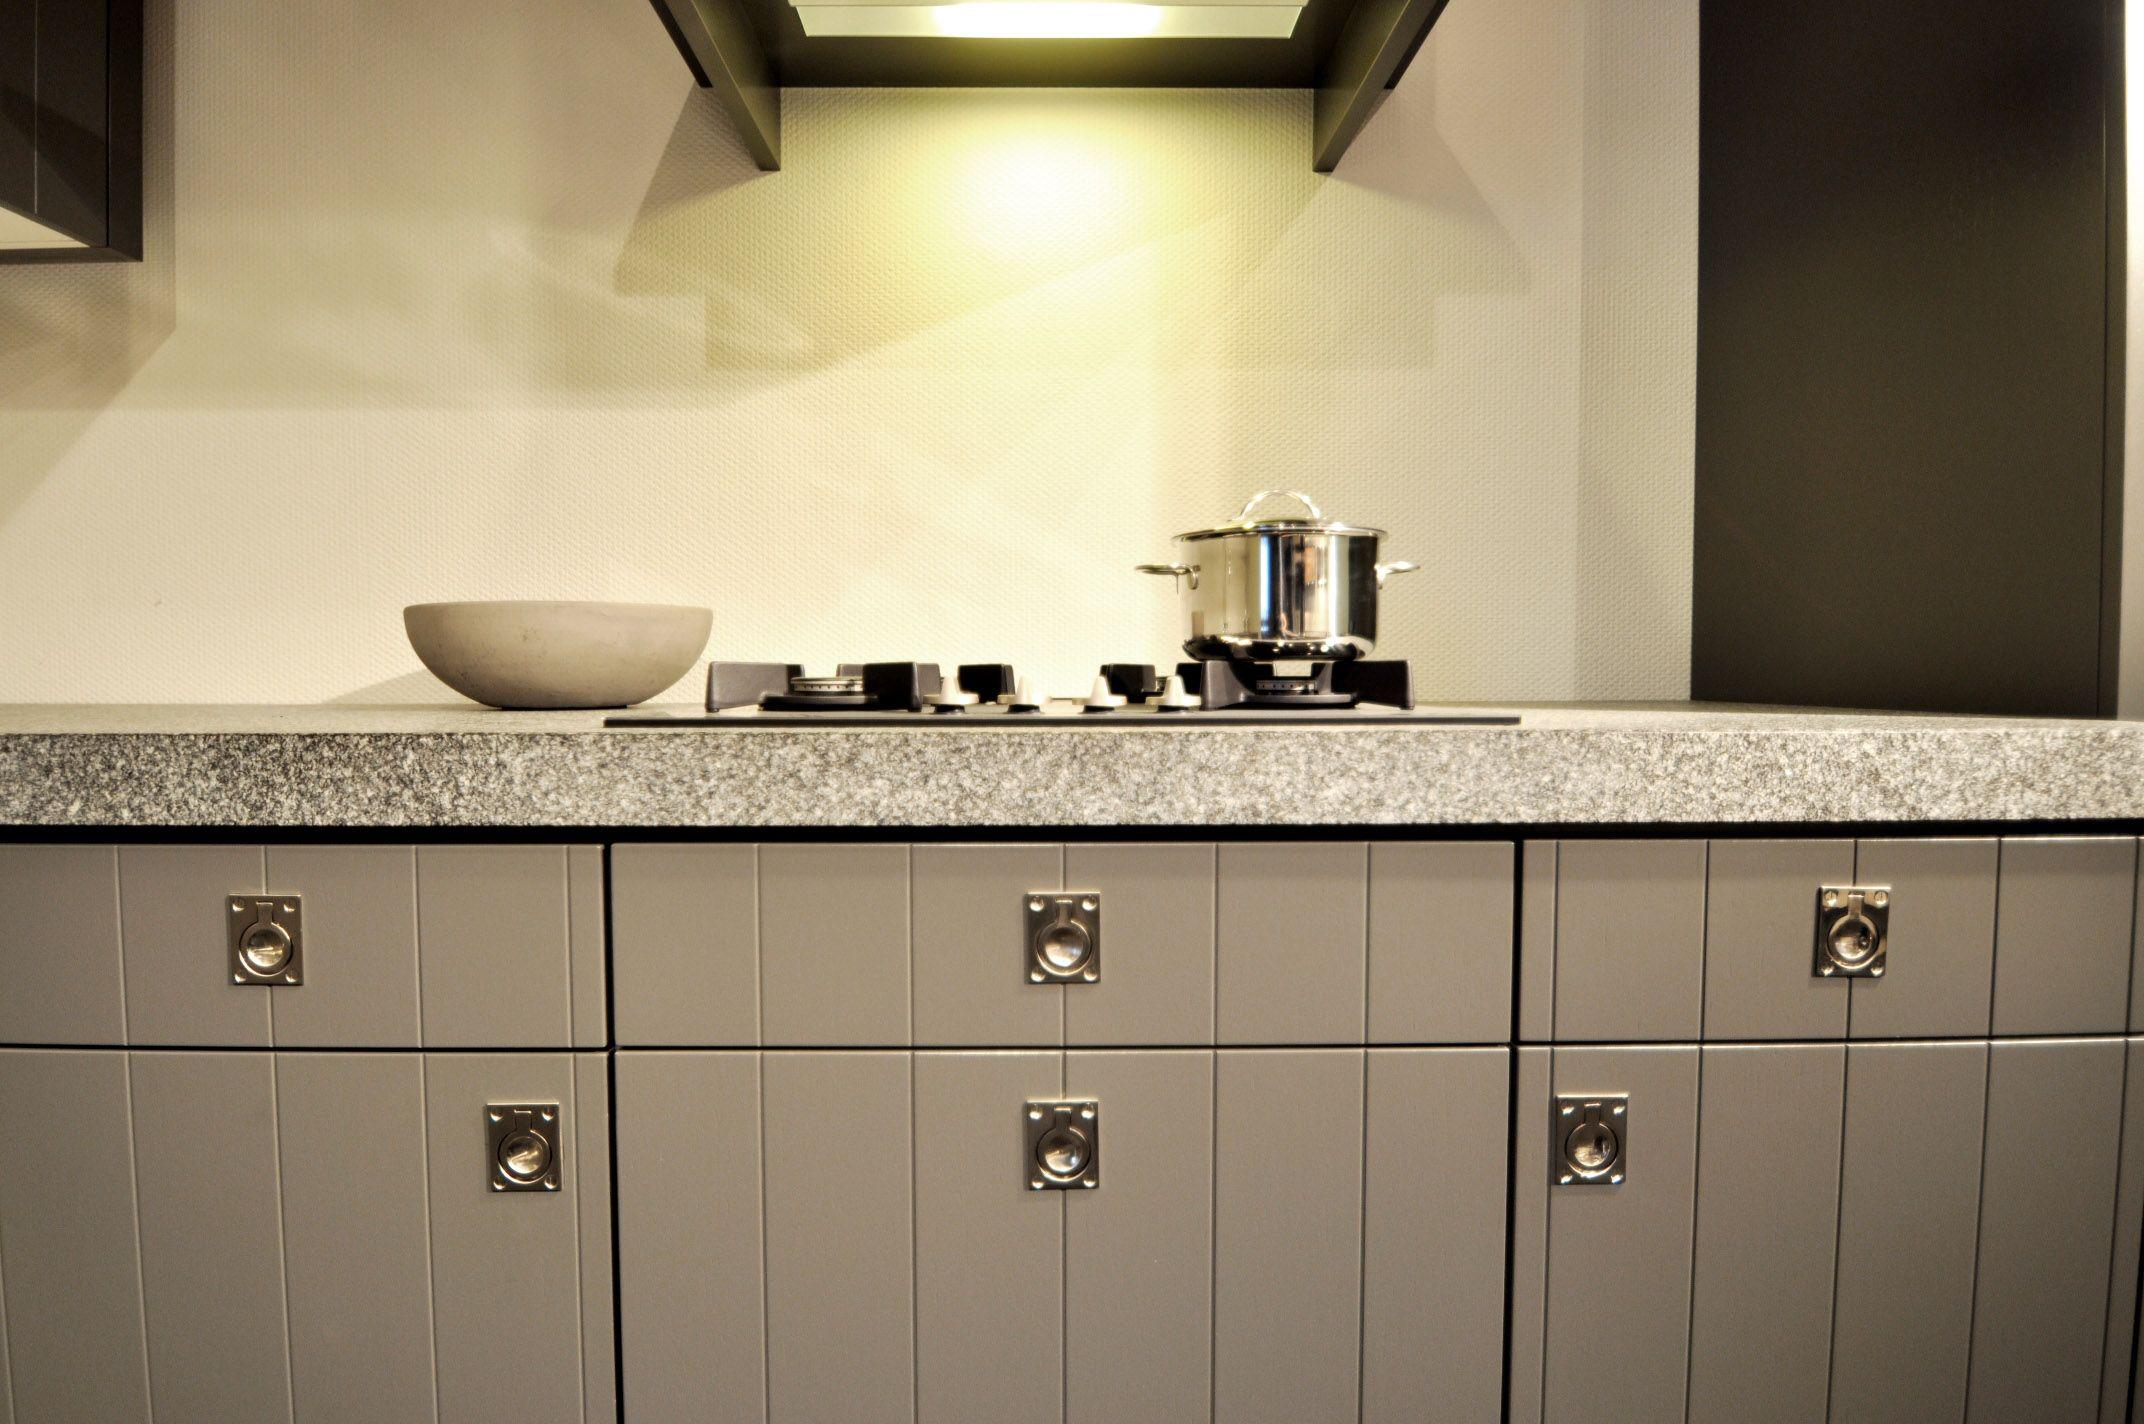 Keukeninrichting Zelf Maken : Showroomkeukens Alle Showroomkeuken aanbiedingen uit